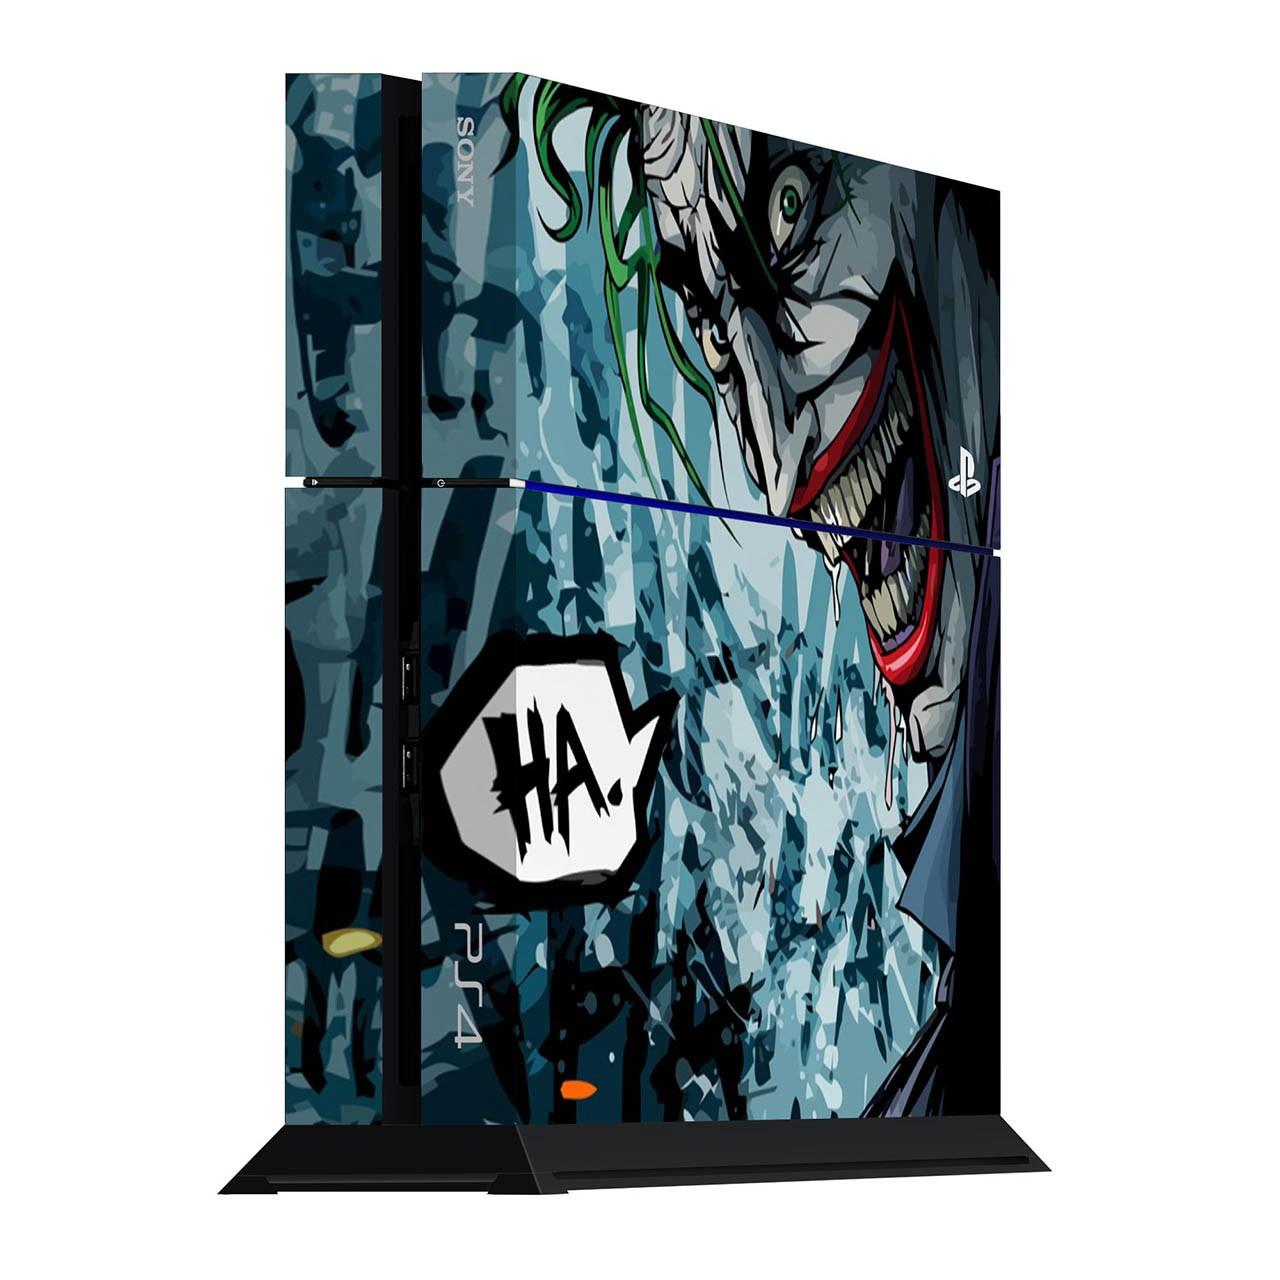 برچسب عمودی پلی استیشن 4 ونسونی طرح Comic Joker